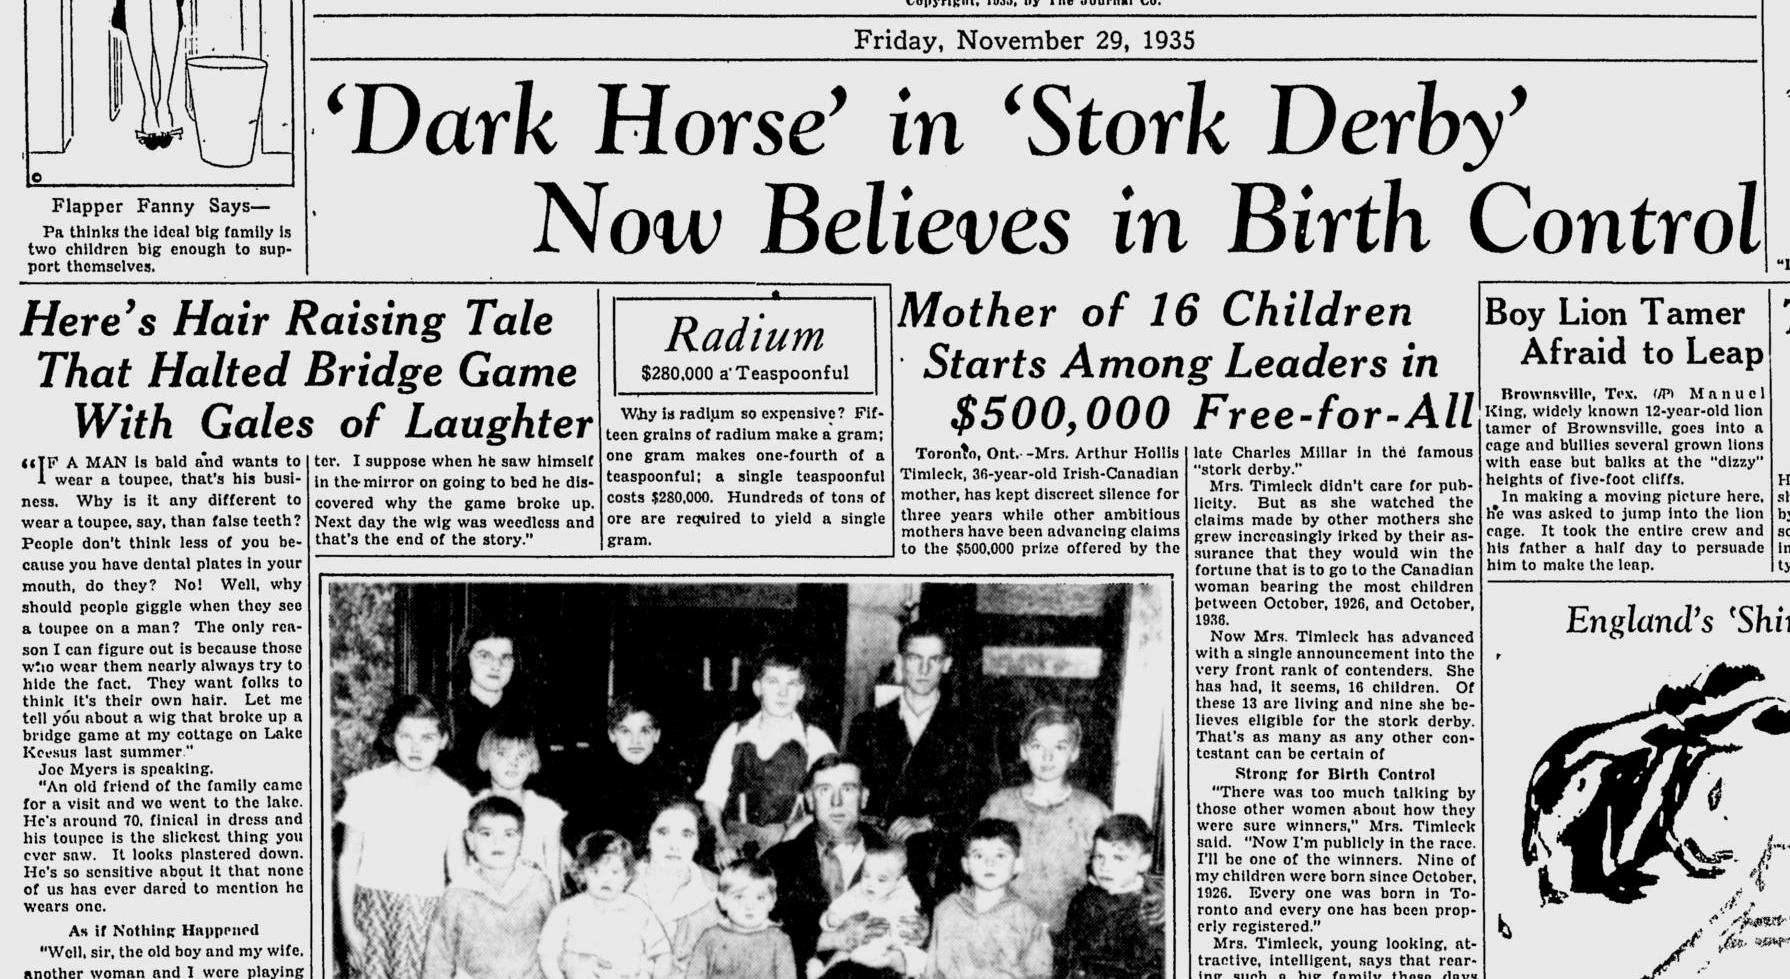 La señora Timleck, a favor del control de la natalidad tras haber parido dieciséis hijos. Fuente: The Milwaukee Journal, 29 de noviembre de 1935.